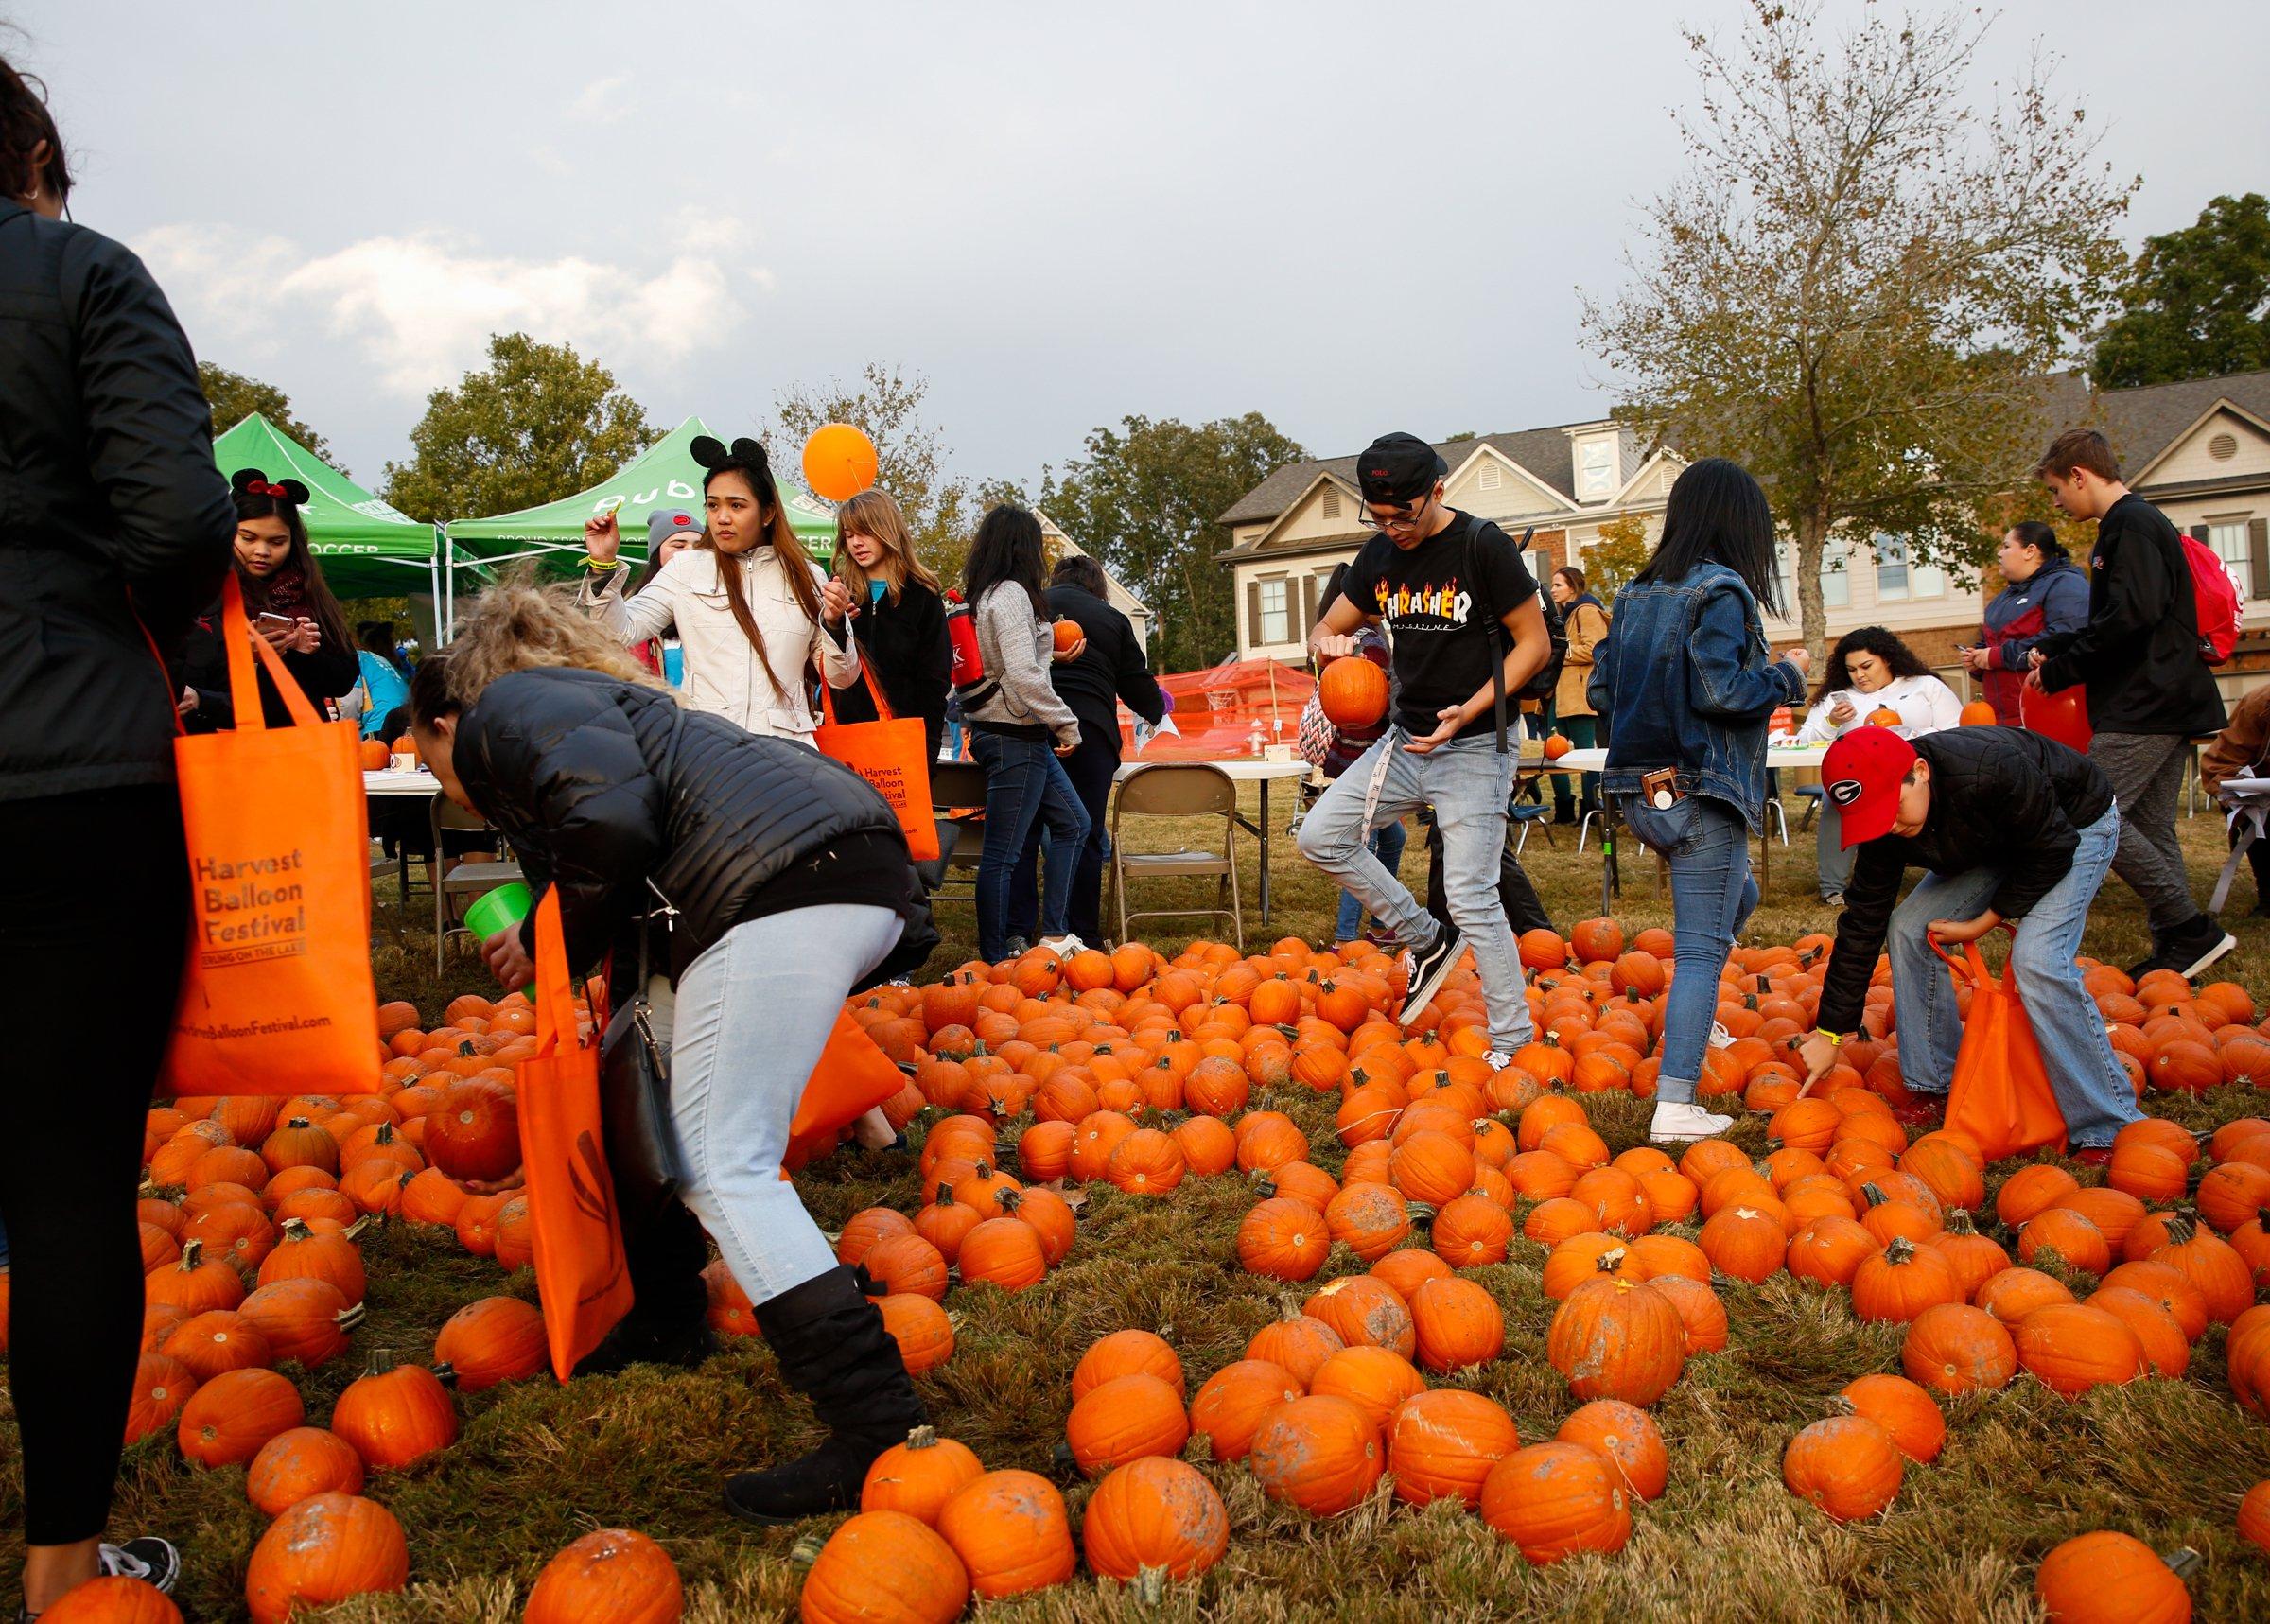 Harvest Balloon Festival